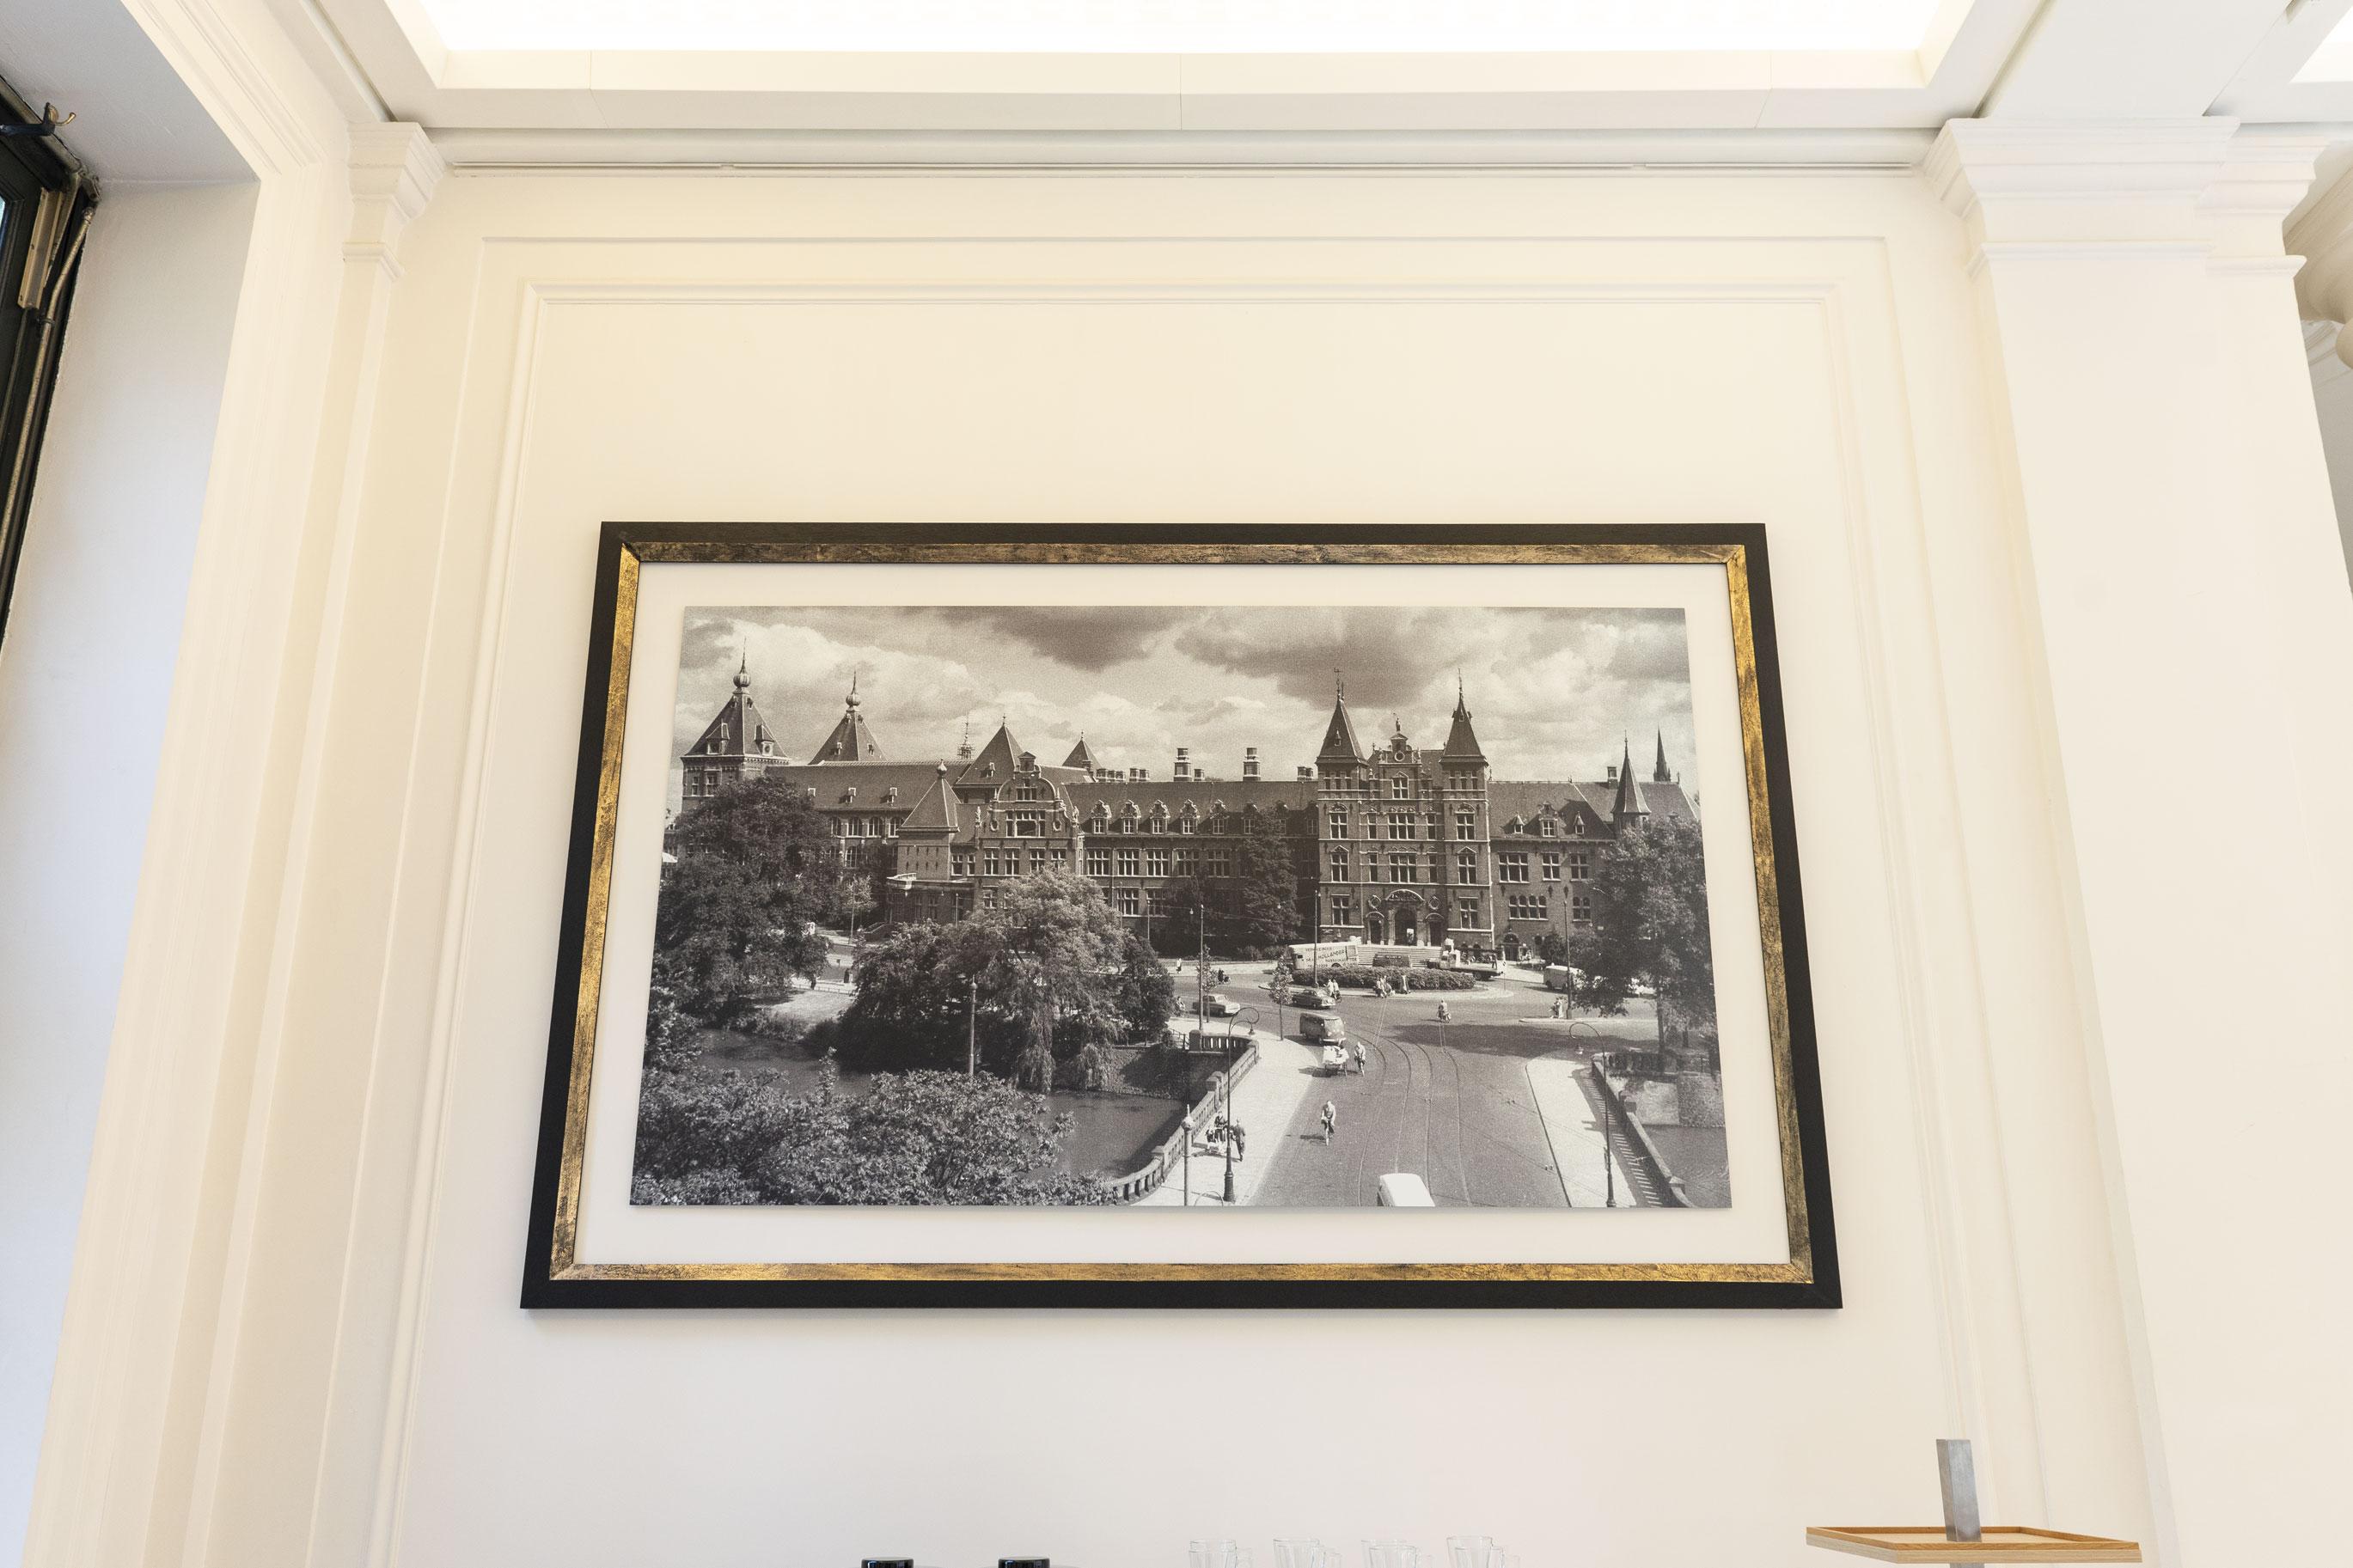 2738x1825_marble_hall_frames_1